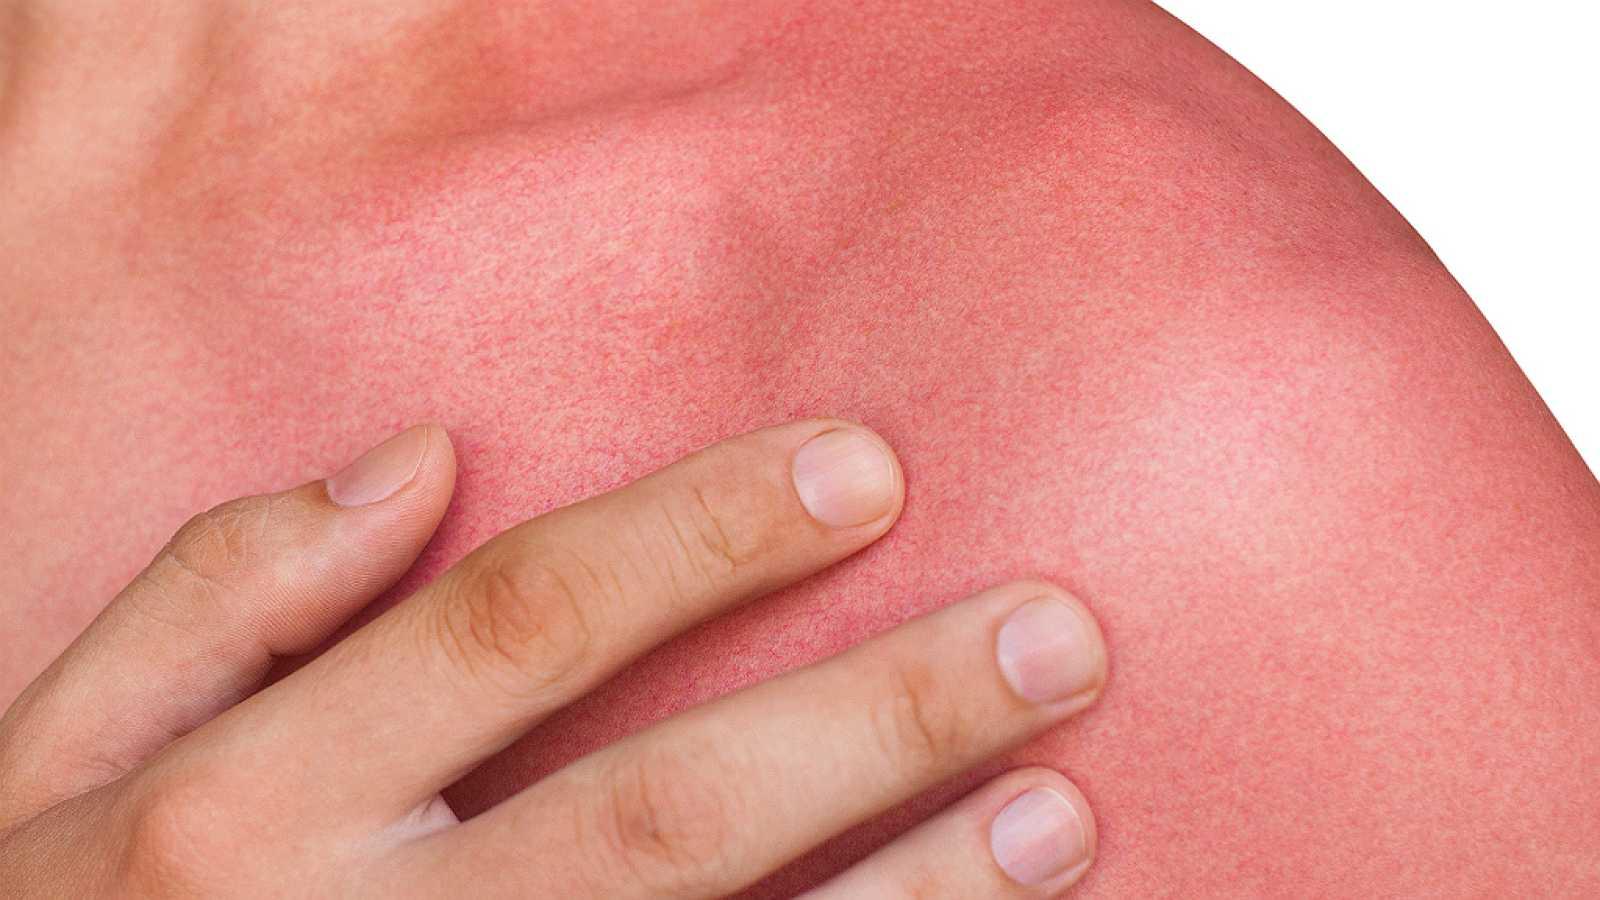 España vuelta y vuelta - Los cuidados de la piel en verano - 22/05/18 - Escuchar ahora